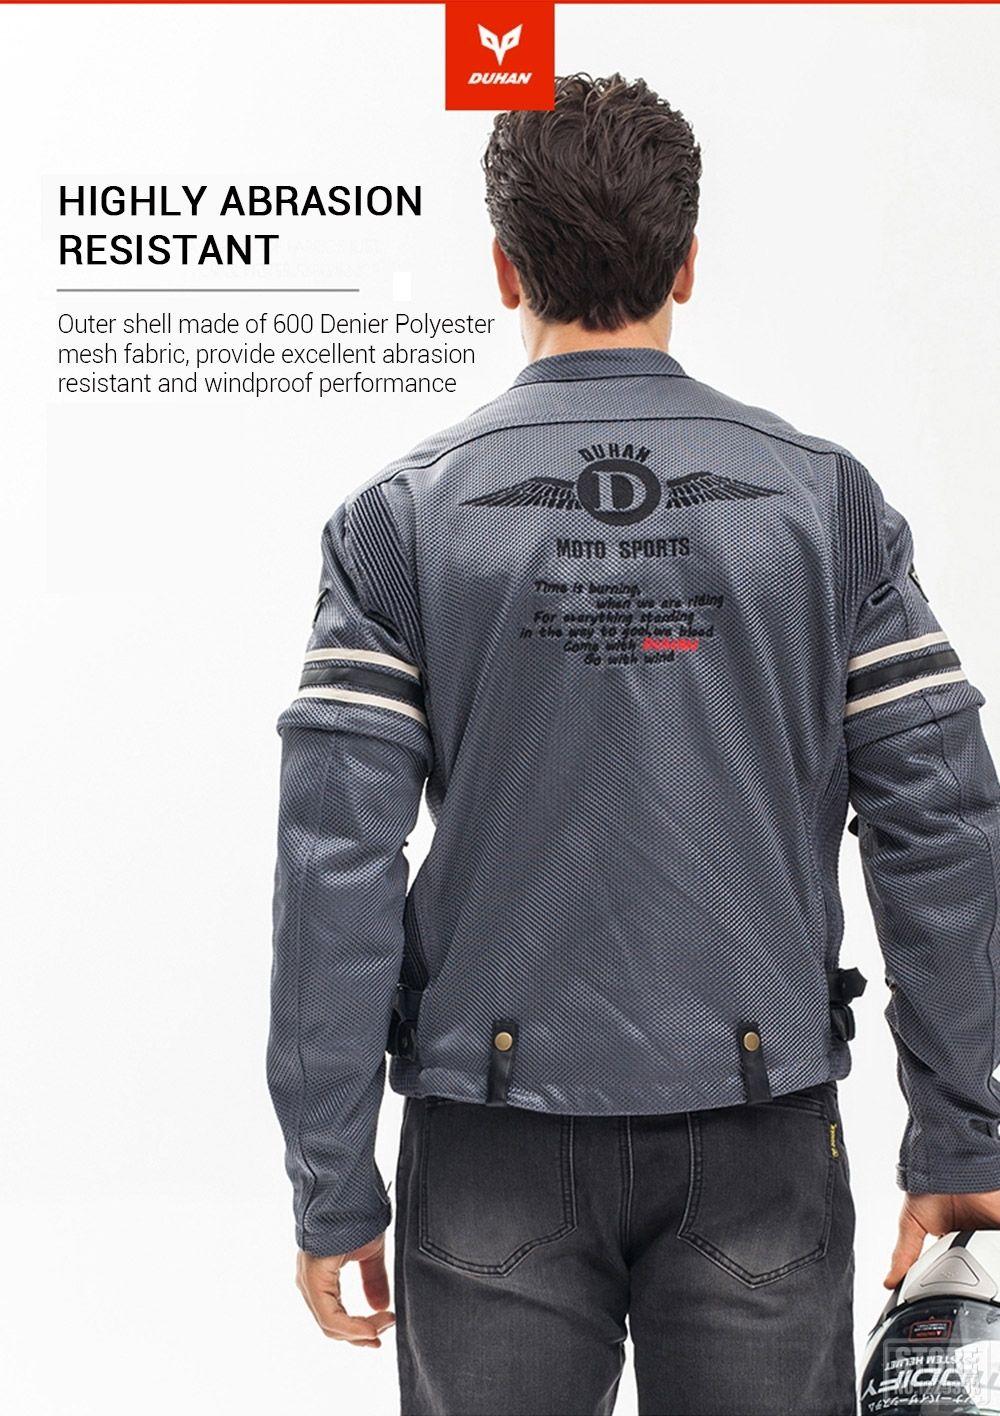 e0683e1e323 DUHAN chaqueta de la motocicleta de los hombres de carreras de malla  transpirable protección extraíble Protector